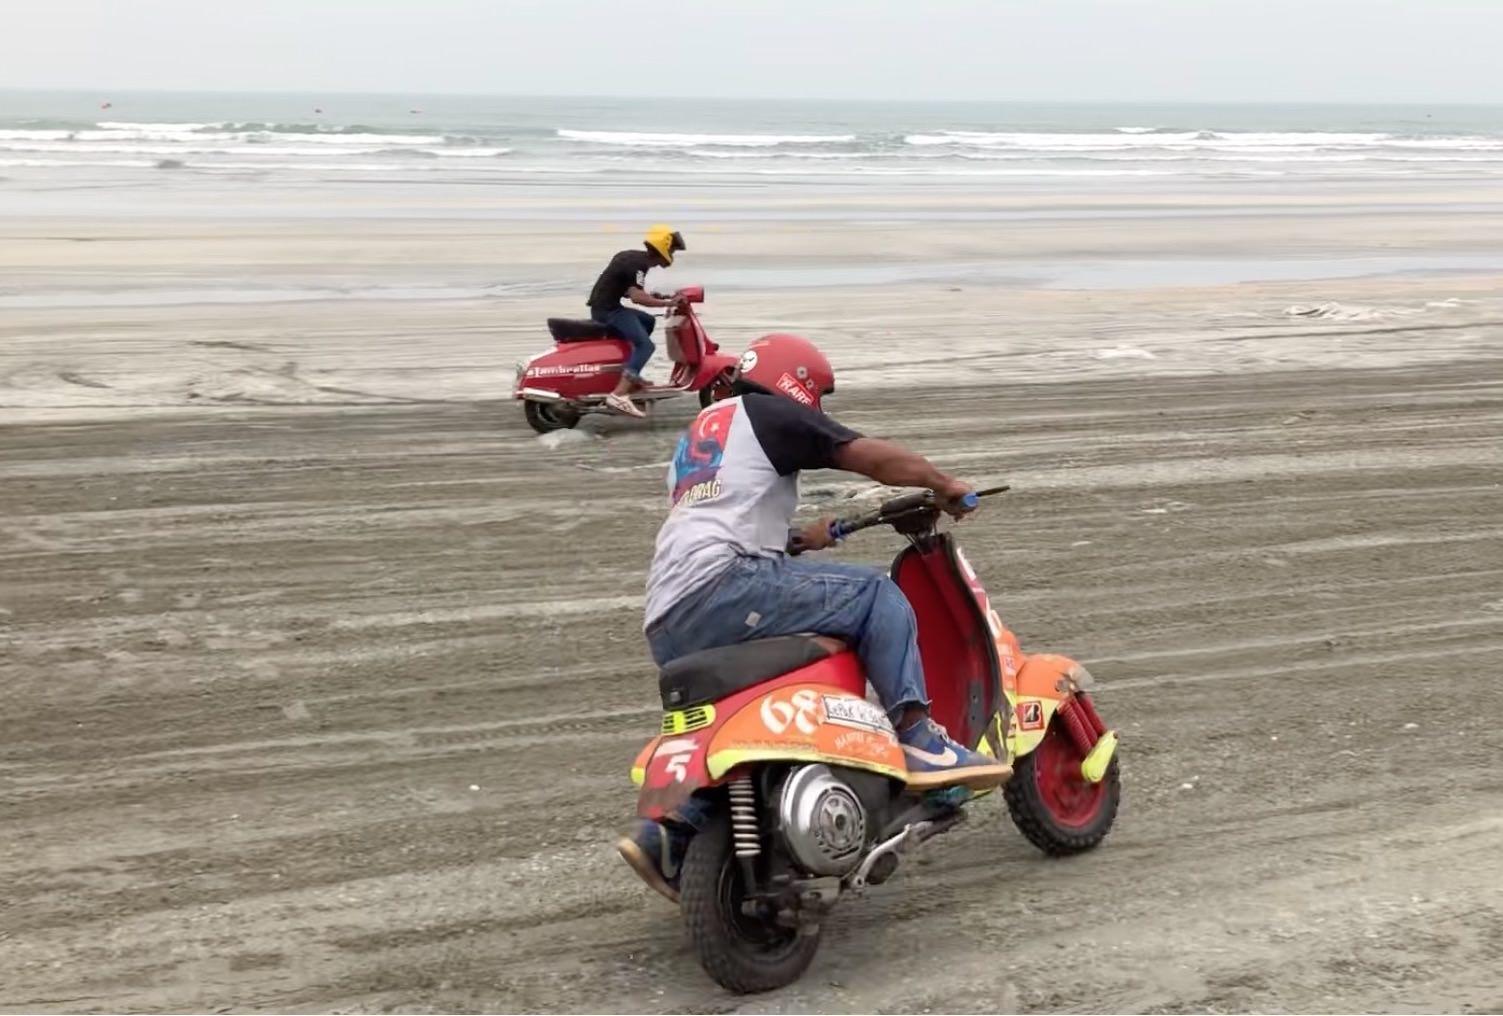 Legal Beach Racing In Malaysia